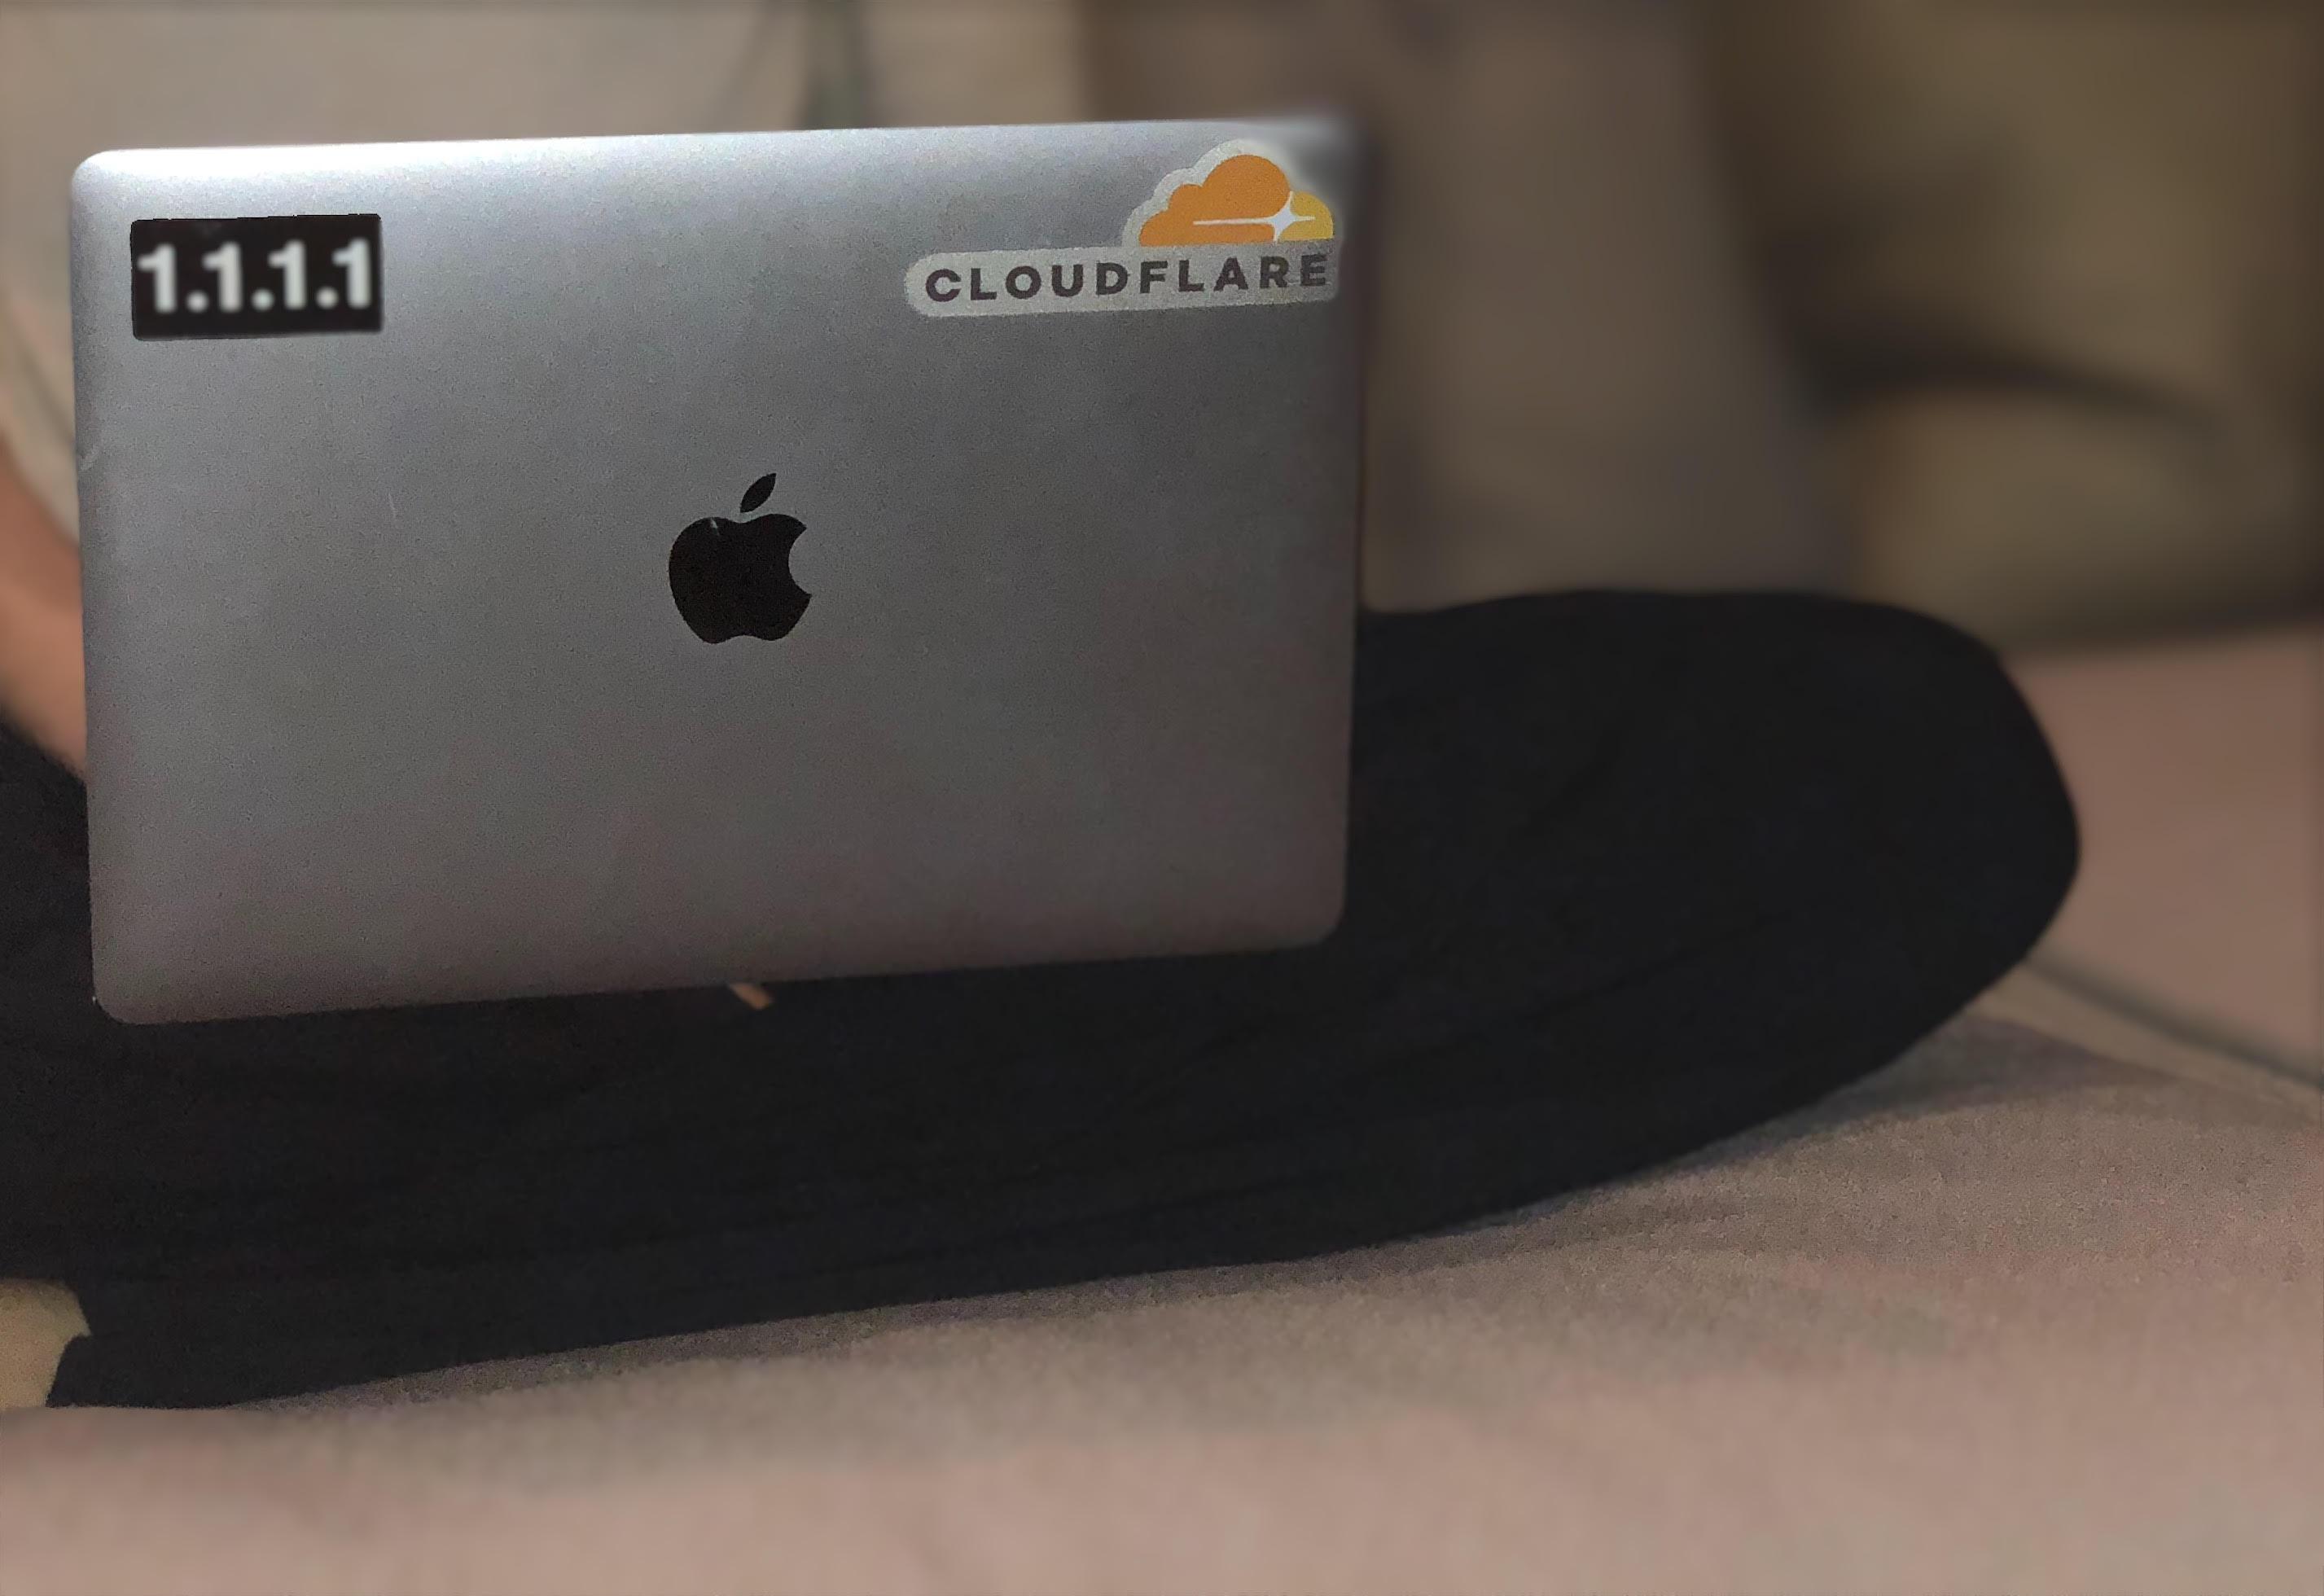 Cloudflare startet neuen DNS-Server 1.1.1.1.